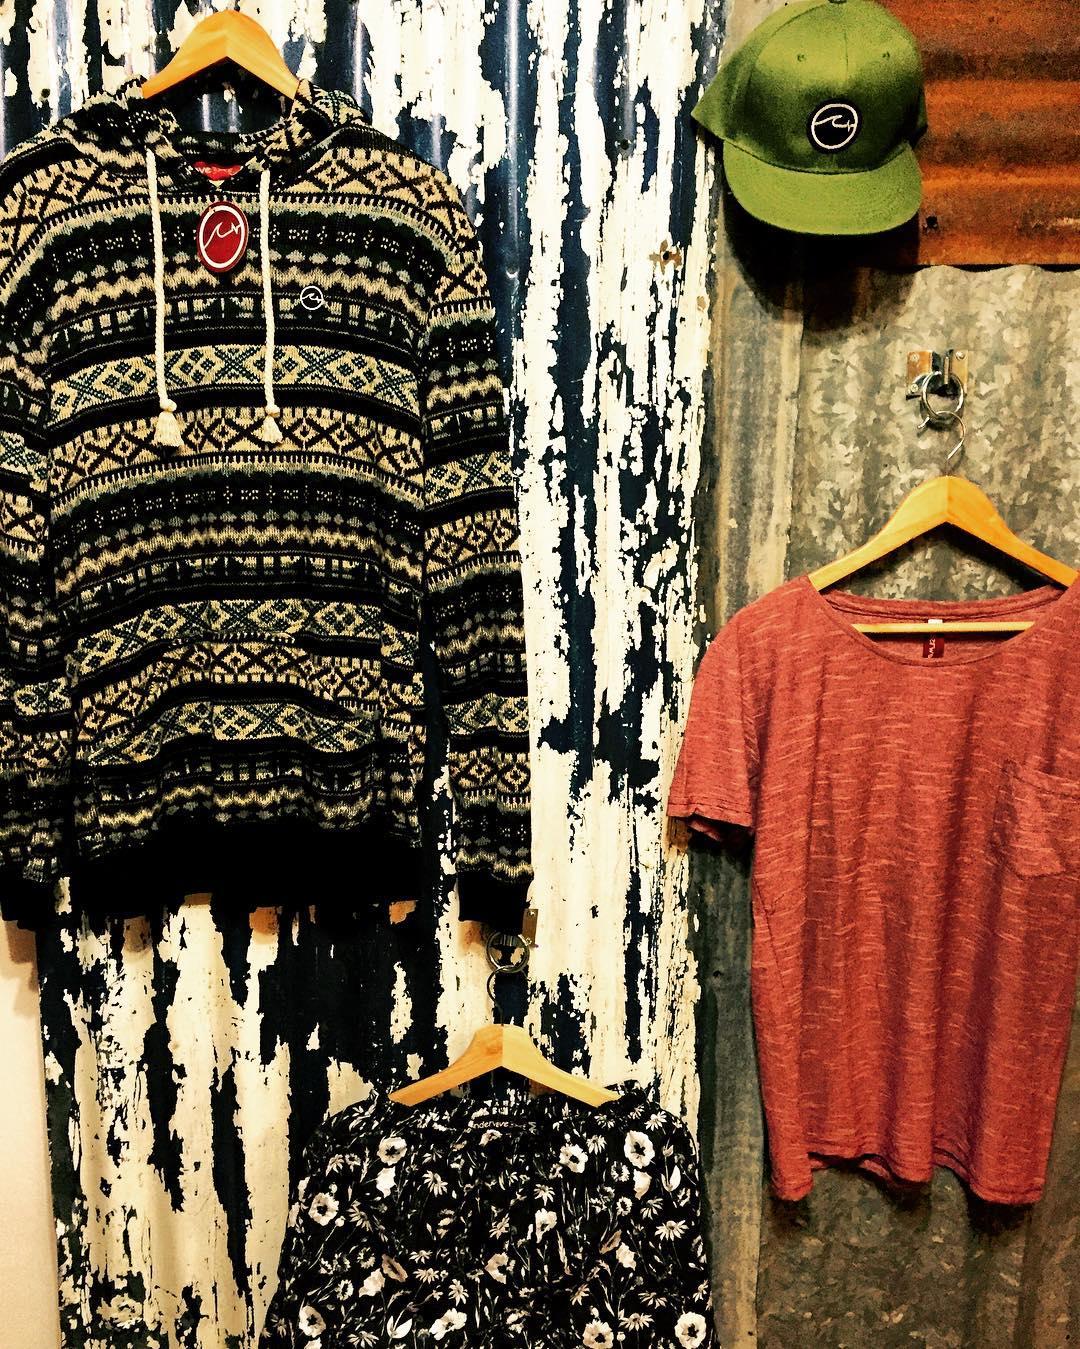 - Les presentamos el nuevo #Showroom de @underwavebrand! - En el centro de San Isidro (dirección por inbox. - Lun a Vie de 14:00 a 18:00. - Buzos, Pants, TdB, Gorras, Gorros, Tablas, Pitas, Quillas y más! - Próximamente Remerás y la colección de trajes...